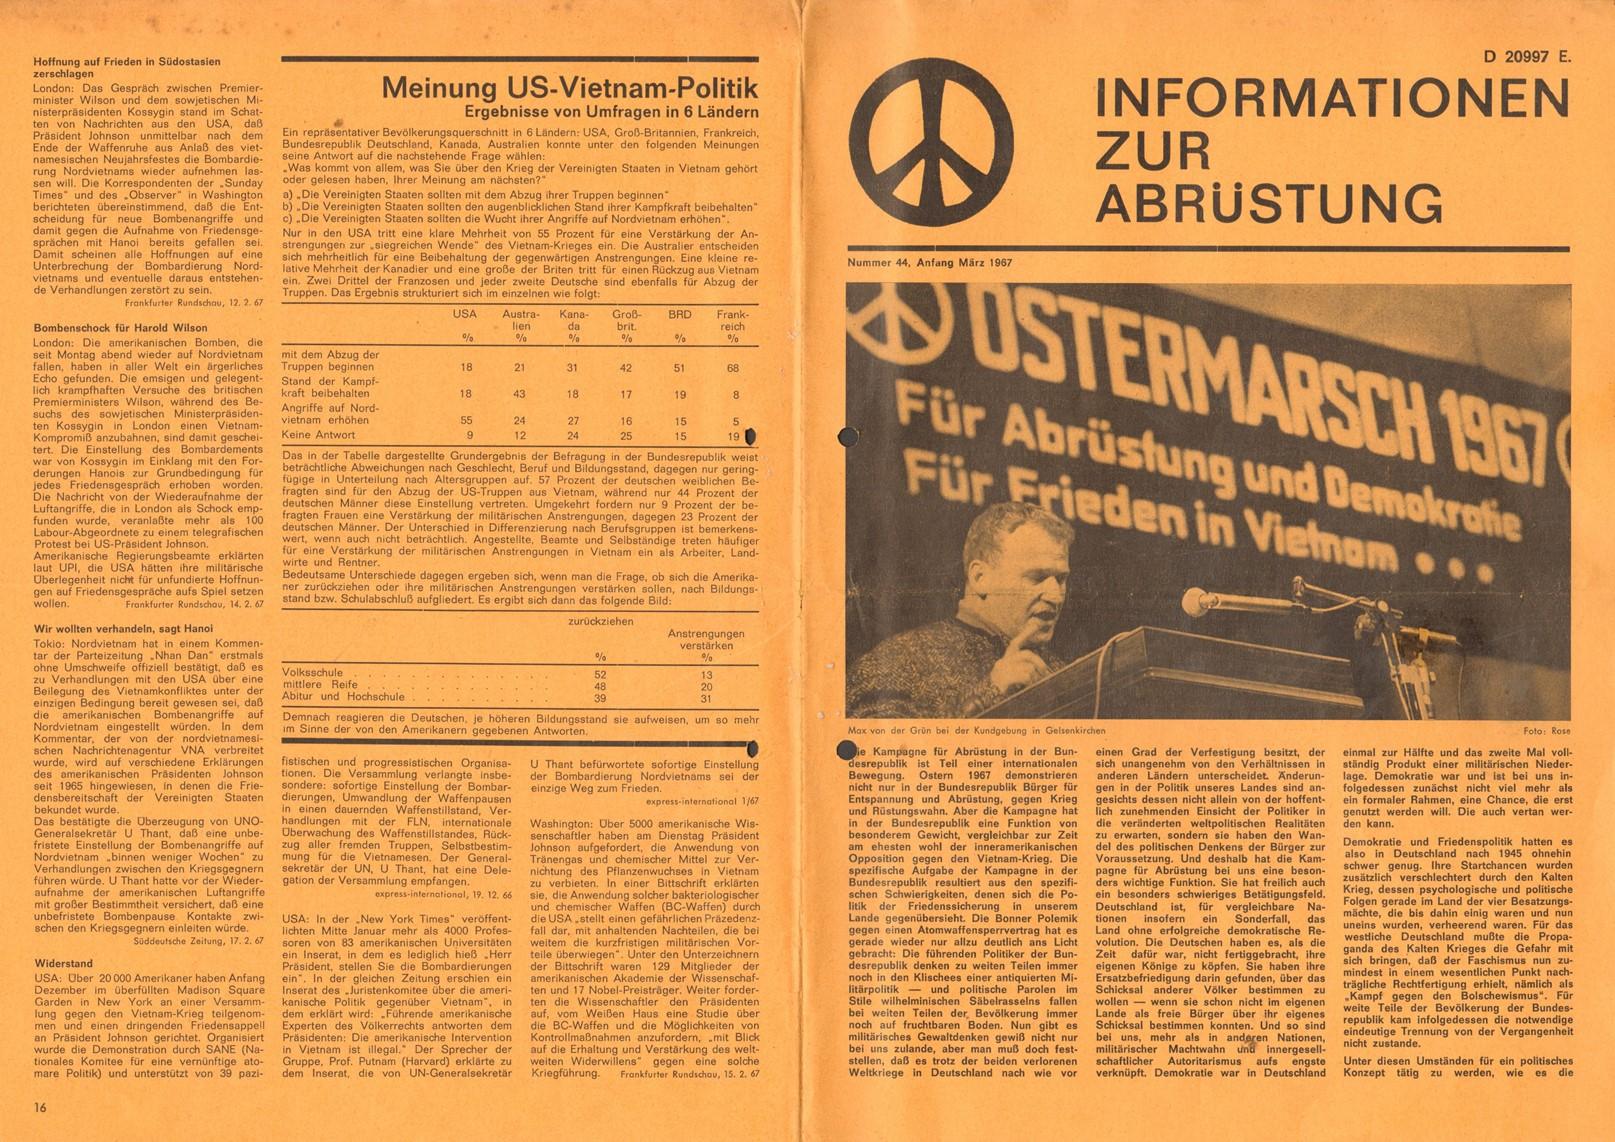 Informationen_zur_Abruestung_1967_044_001